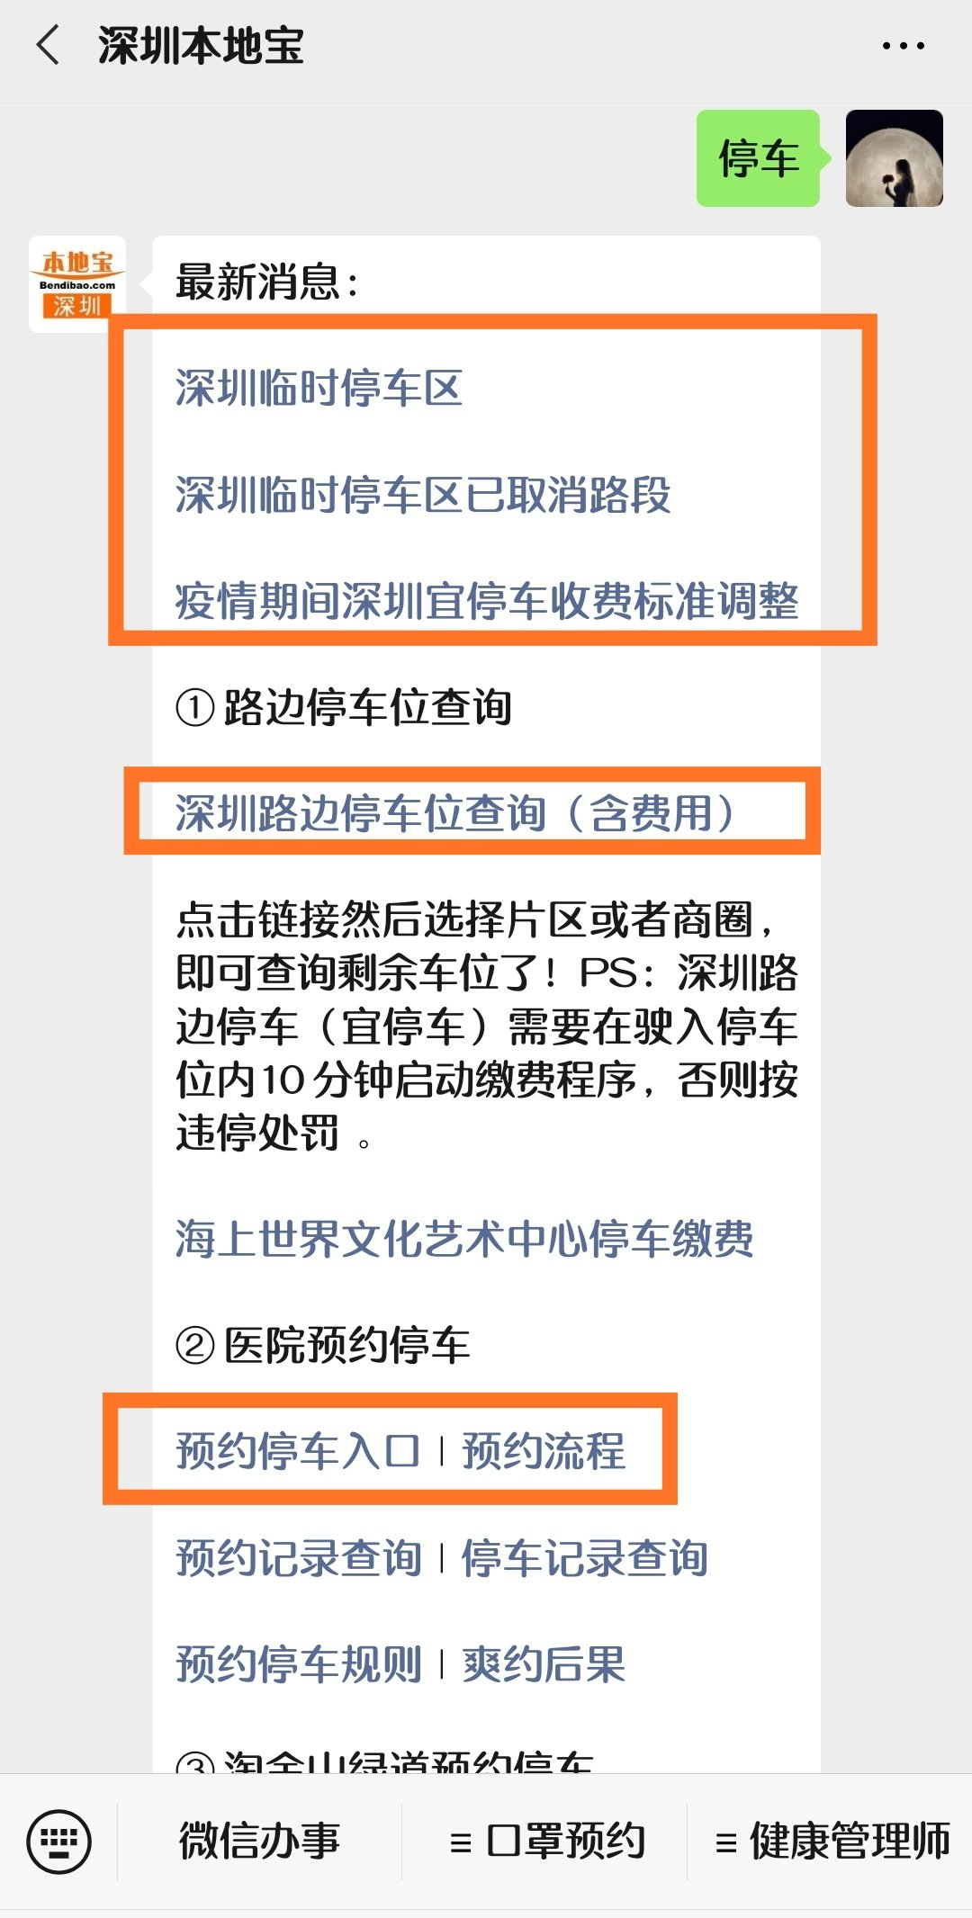 截至3月16日深圳疫情期间临时停车区路段情况一览